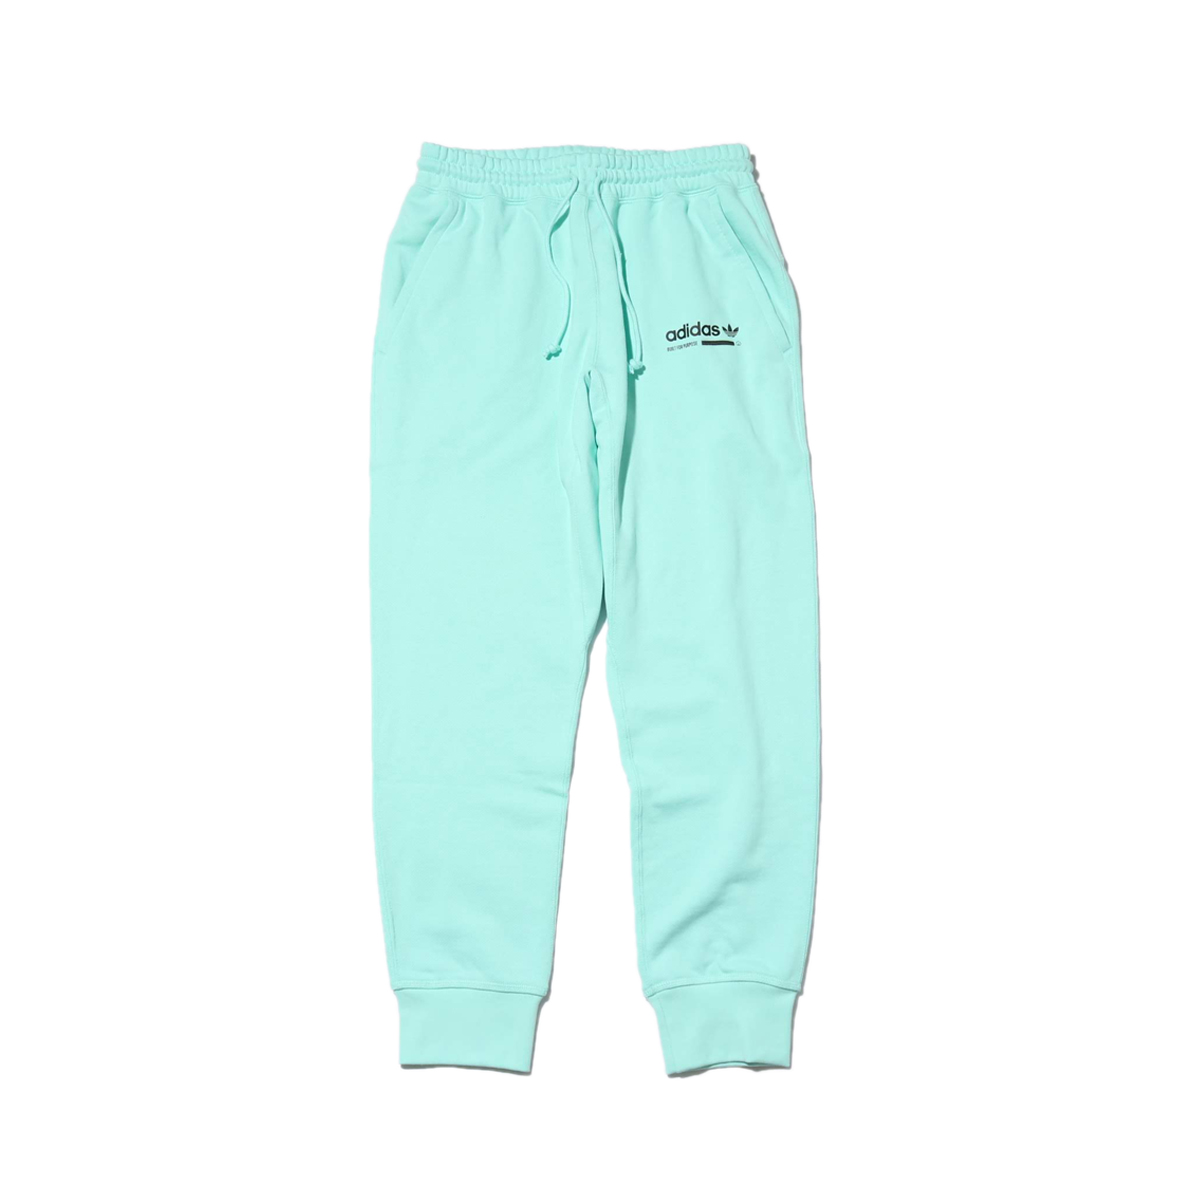 adidas Originals KAVAL SWEATPANTS(アディダス オリジナルス カバルスウェットパンツ)CLEAR MINT【メンズ パンツ】18FW-I